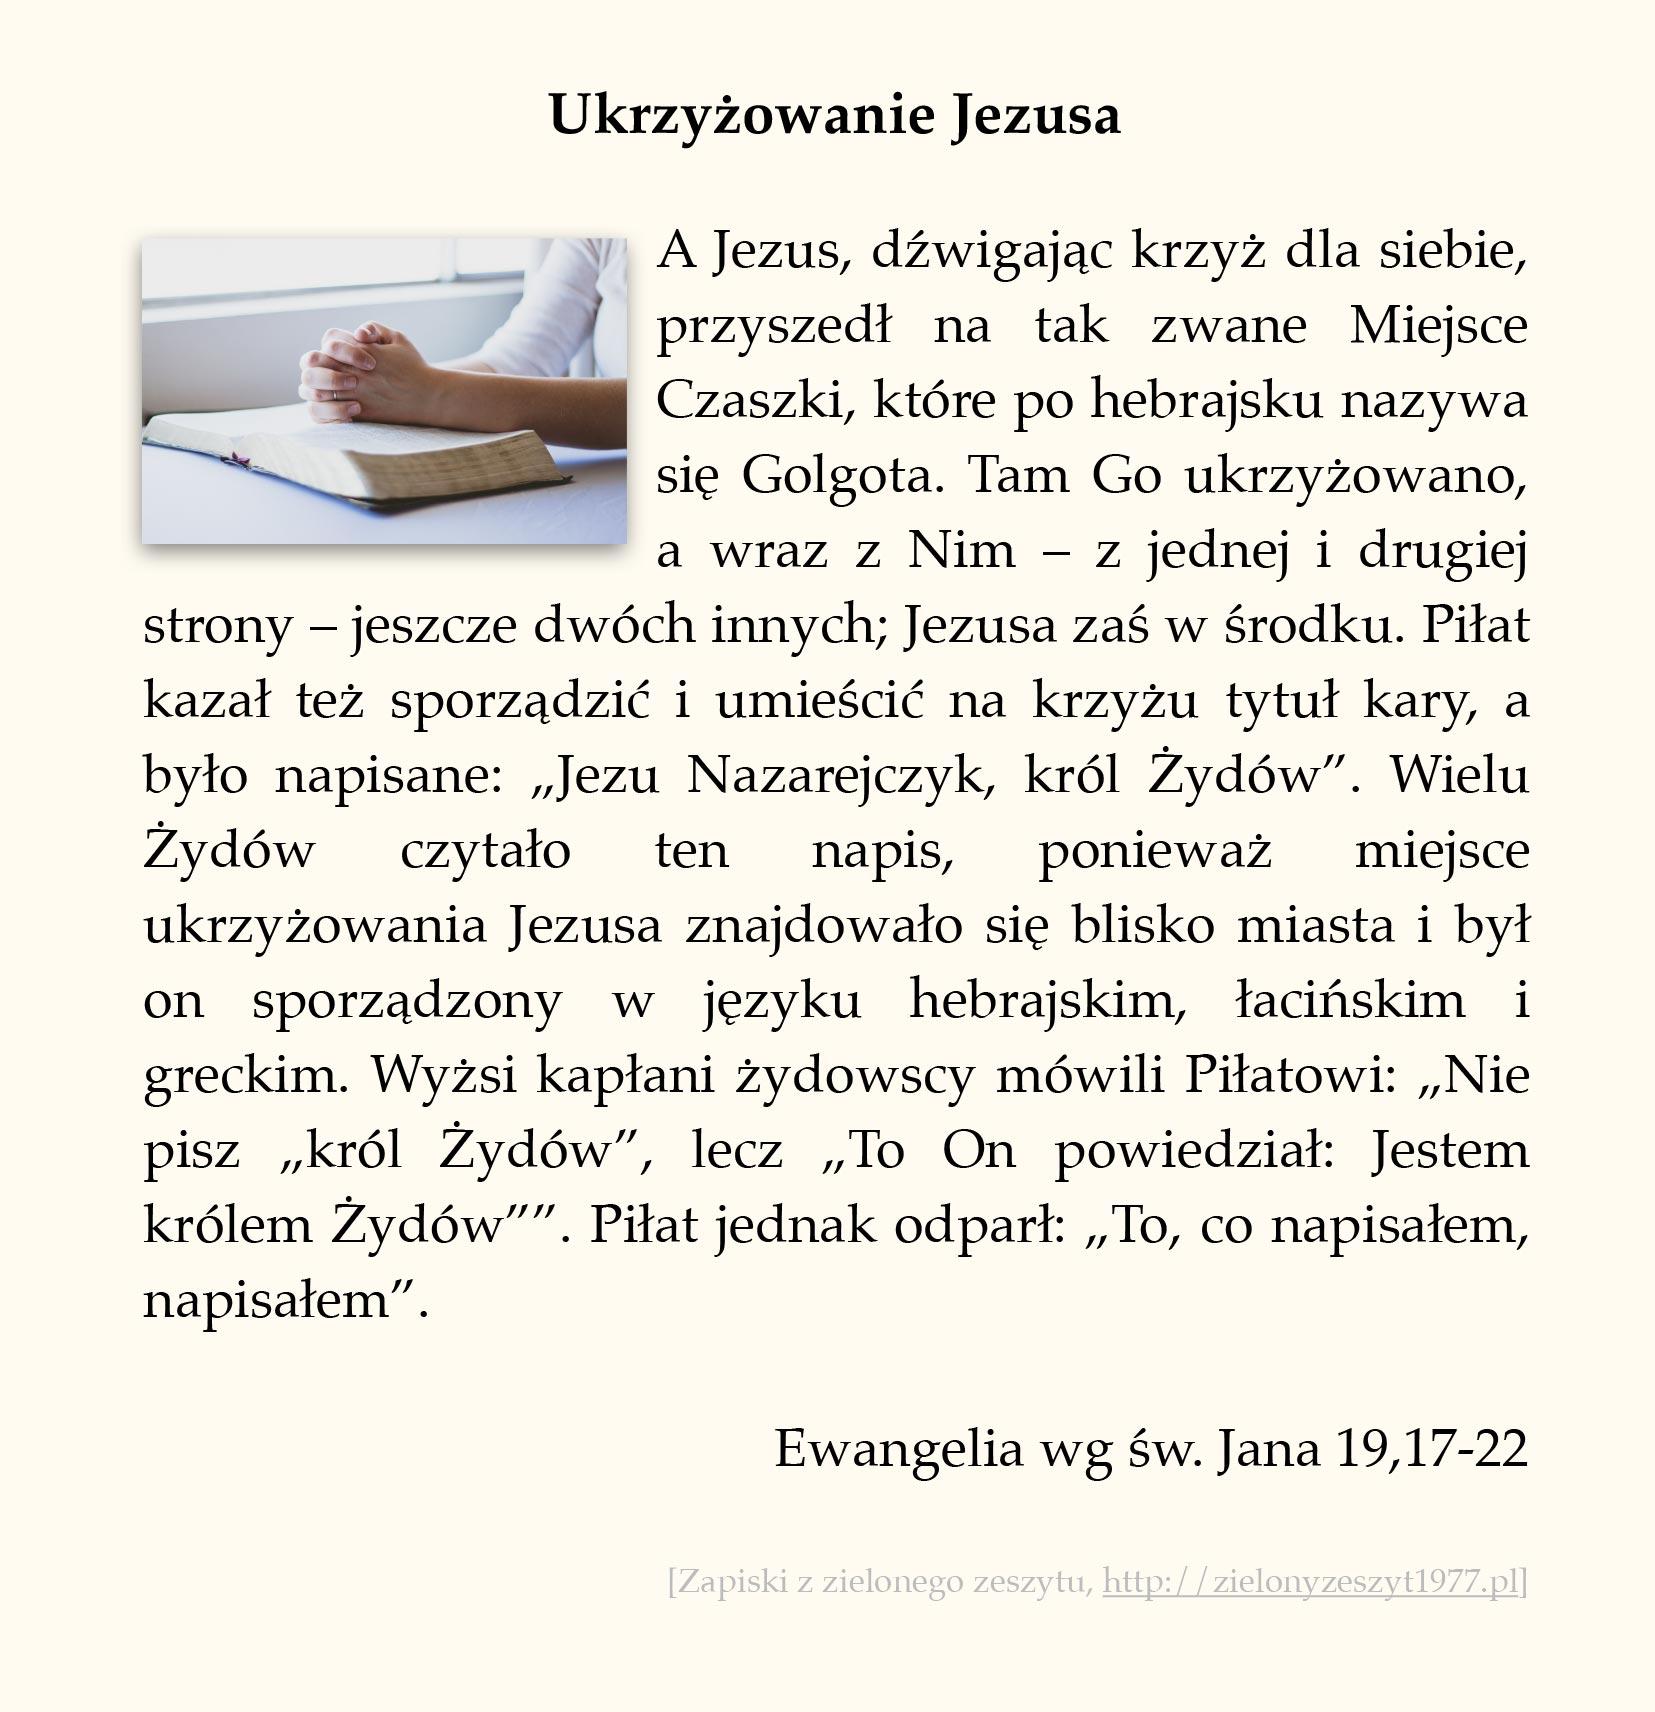 Ukrzyżowanie Jezusa; Ewangelia wg św. Jana (#92)